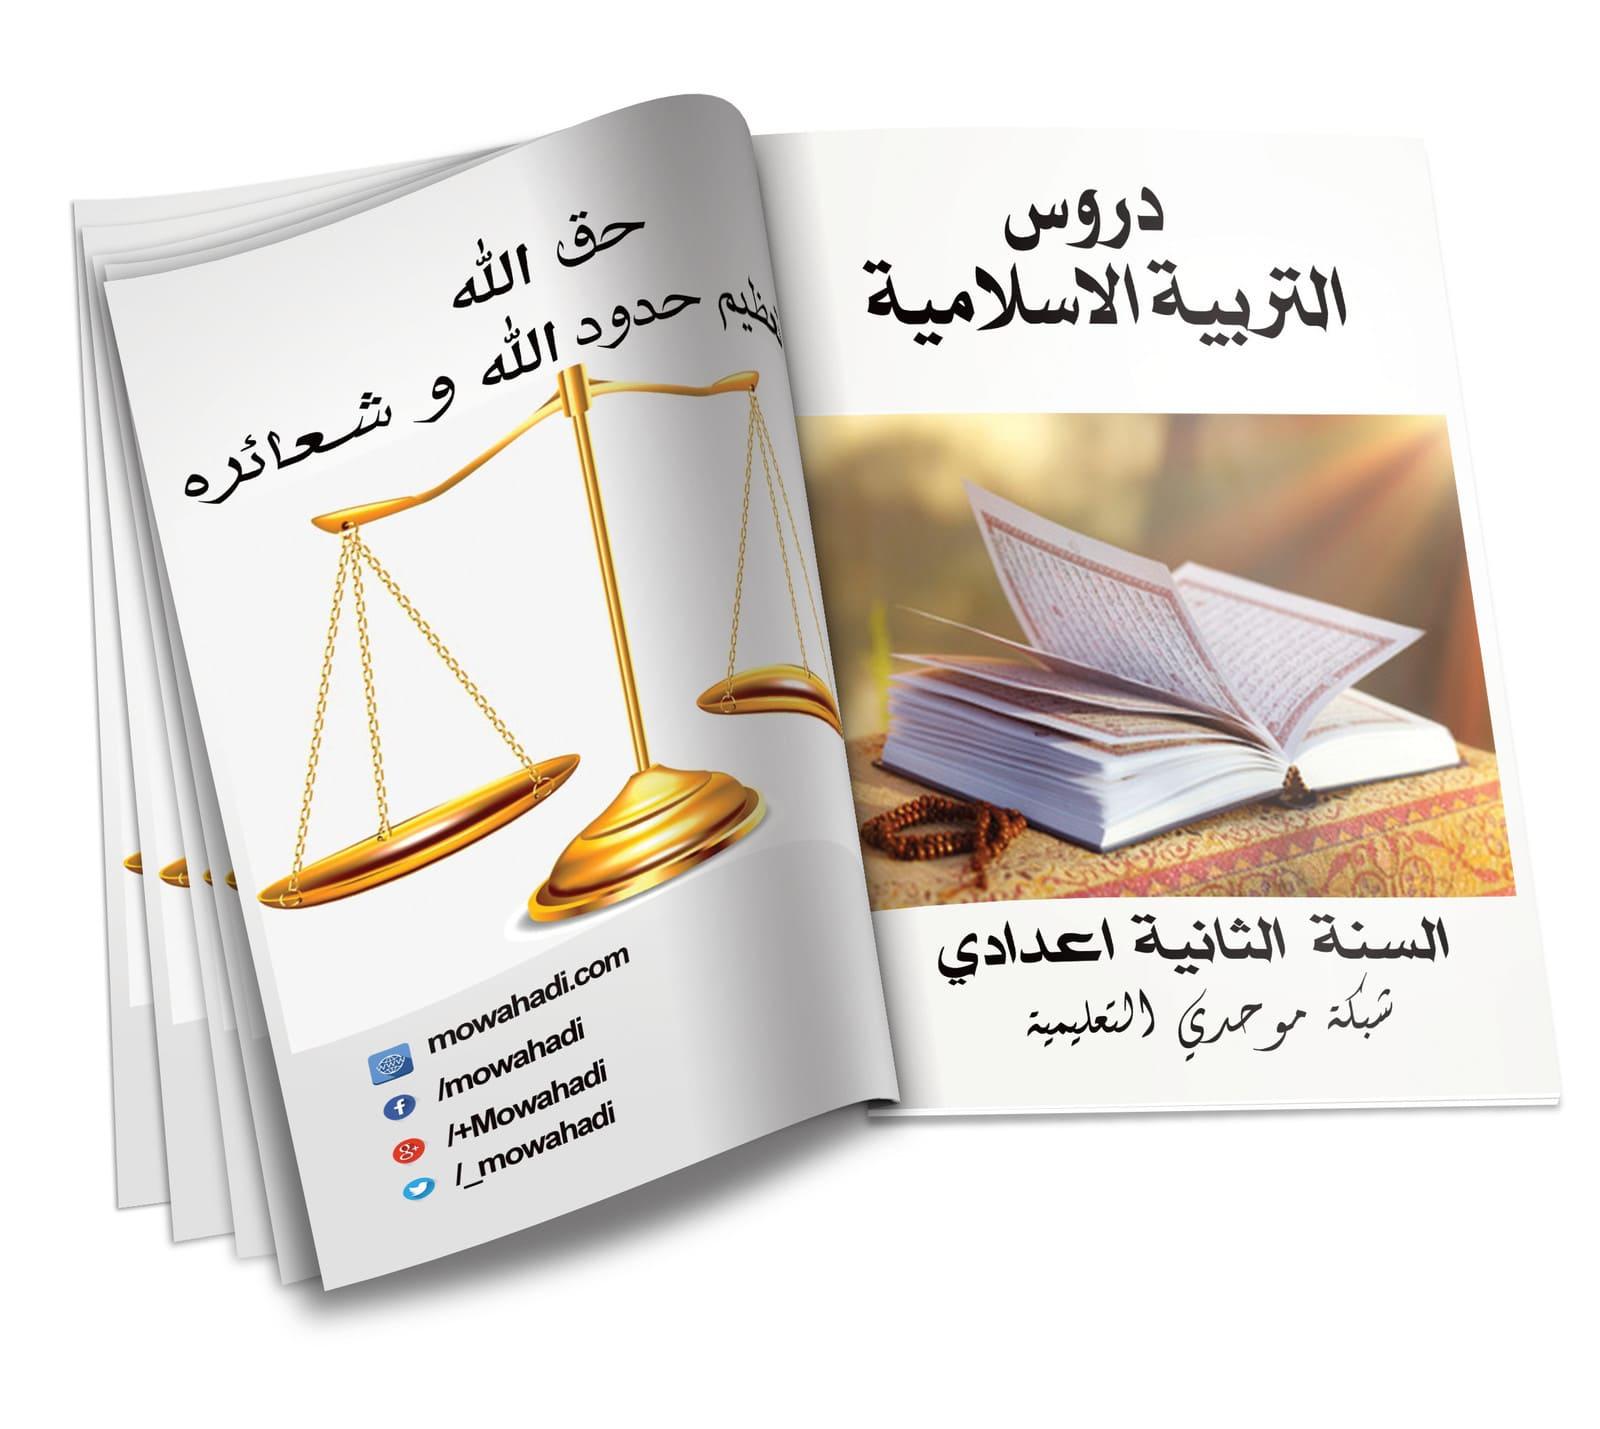 حق الله : تعظيم حدود الله و شعائره